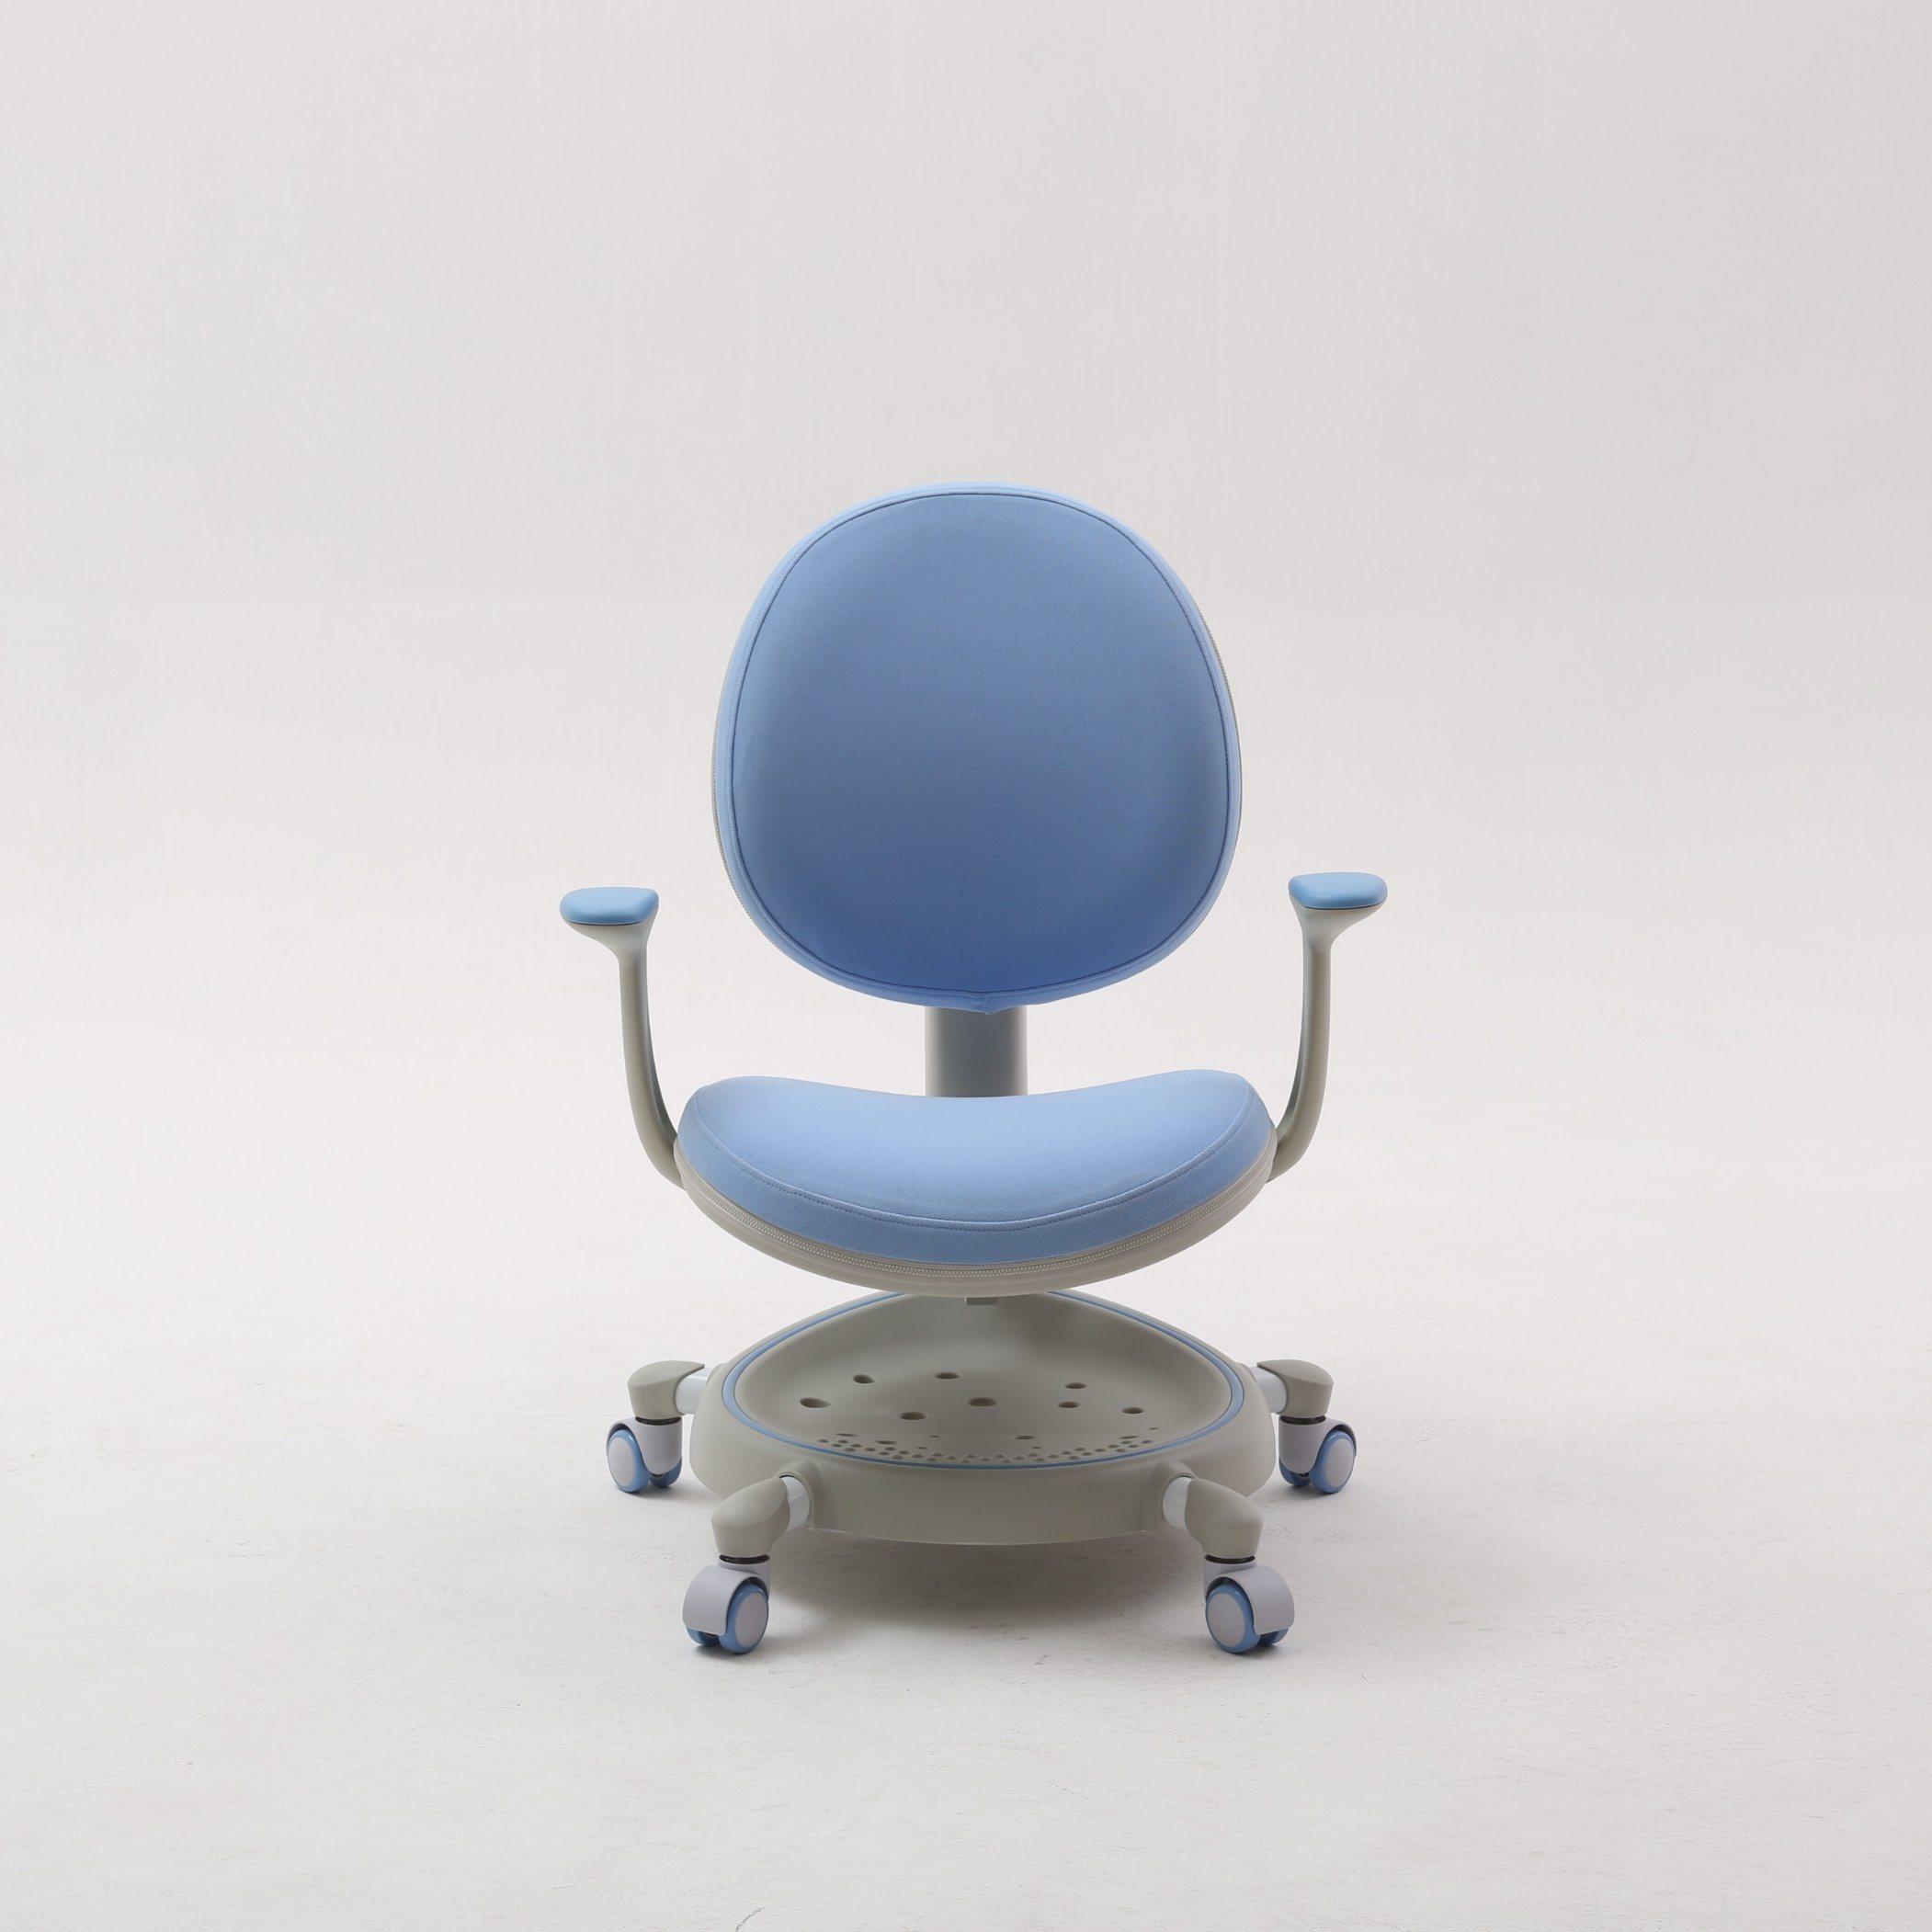 China Sihoo Ergonomic Kids Chairs Fixed